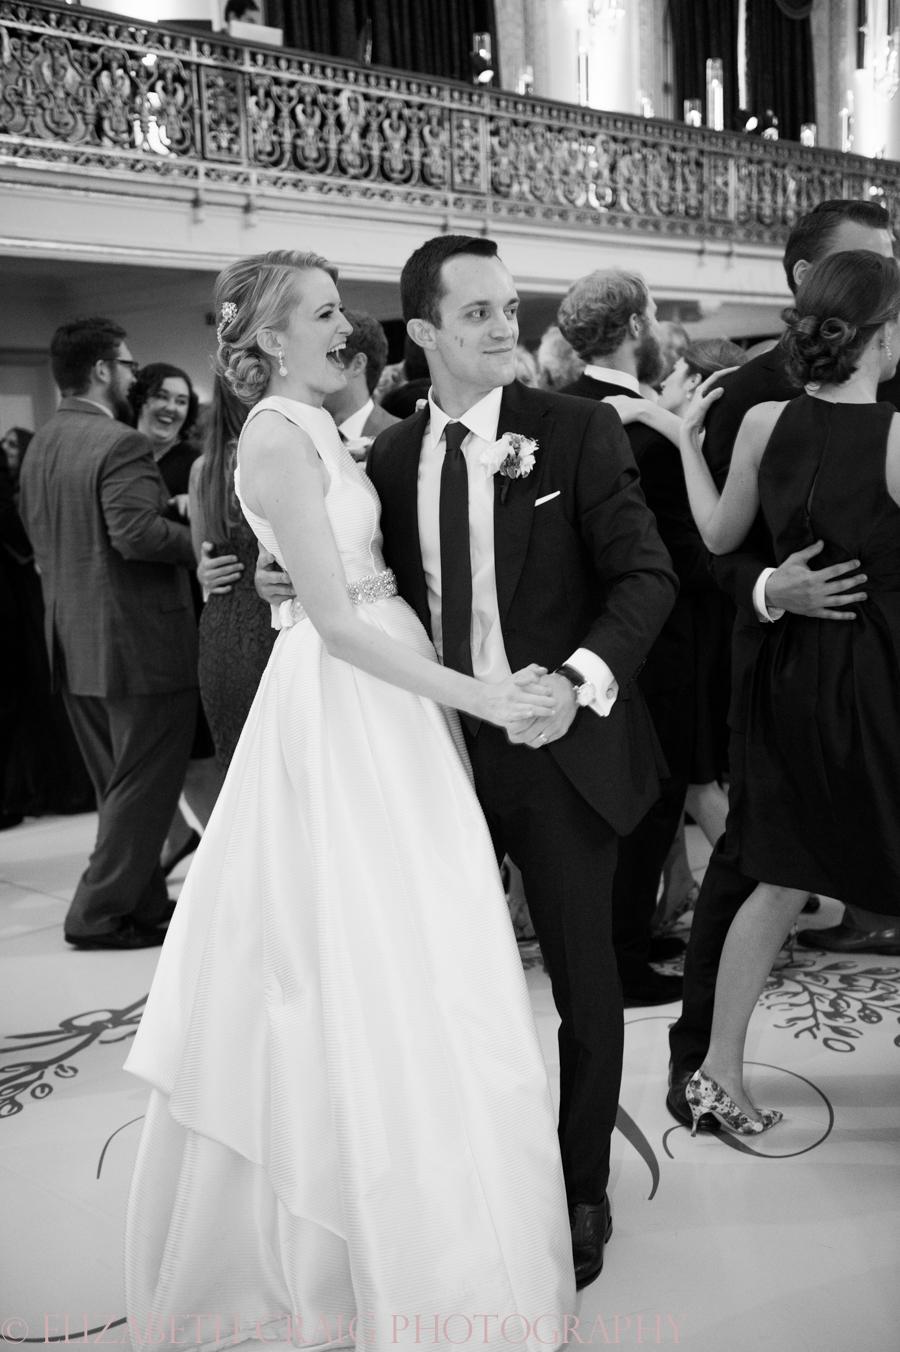 Omni WIlliam Penn Wedding Receptions-0036